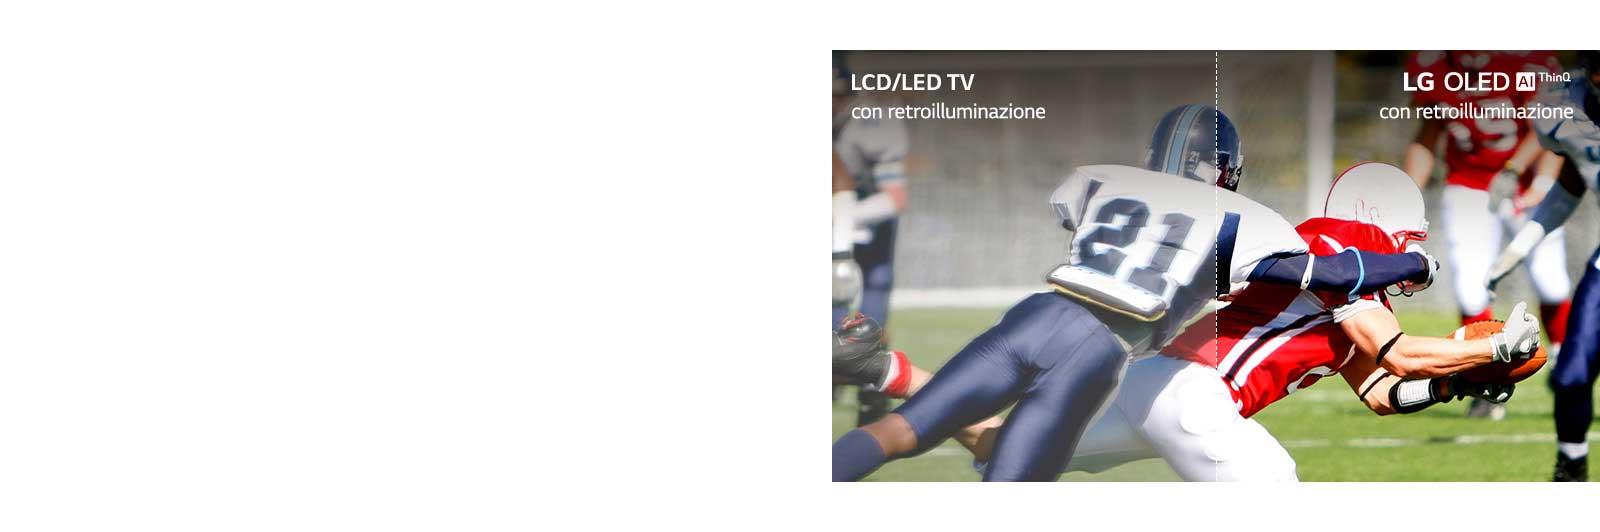 Sequenza di una partita di calcio: una metà è riprodotta su un TV LCD/LED con qualità delle immagini sfocata, mentre l'altra è riprodotta su un TV LG OLED con qualità delle immagini nitida.